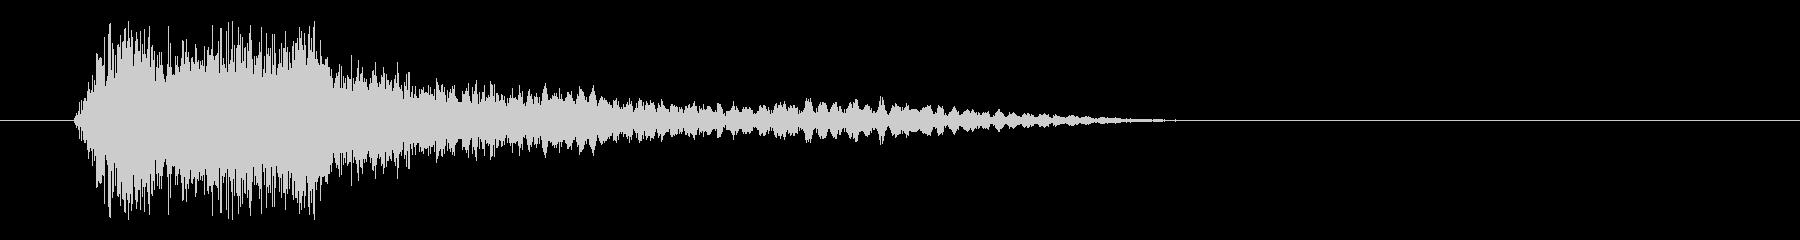 キョン(不意打ちを付かれた音)の未再生の波形